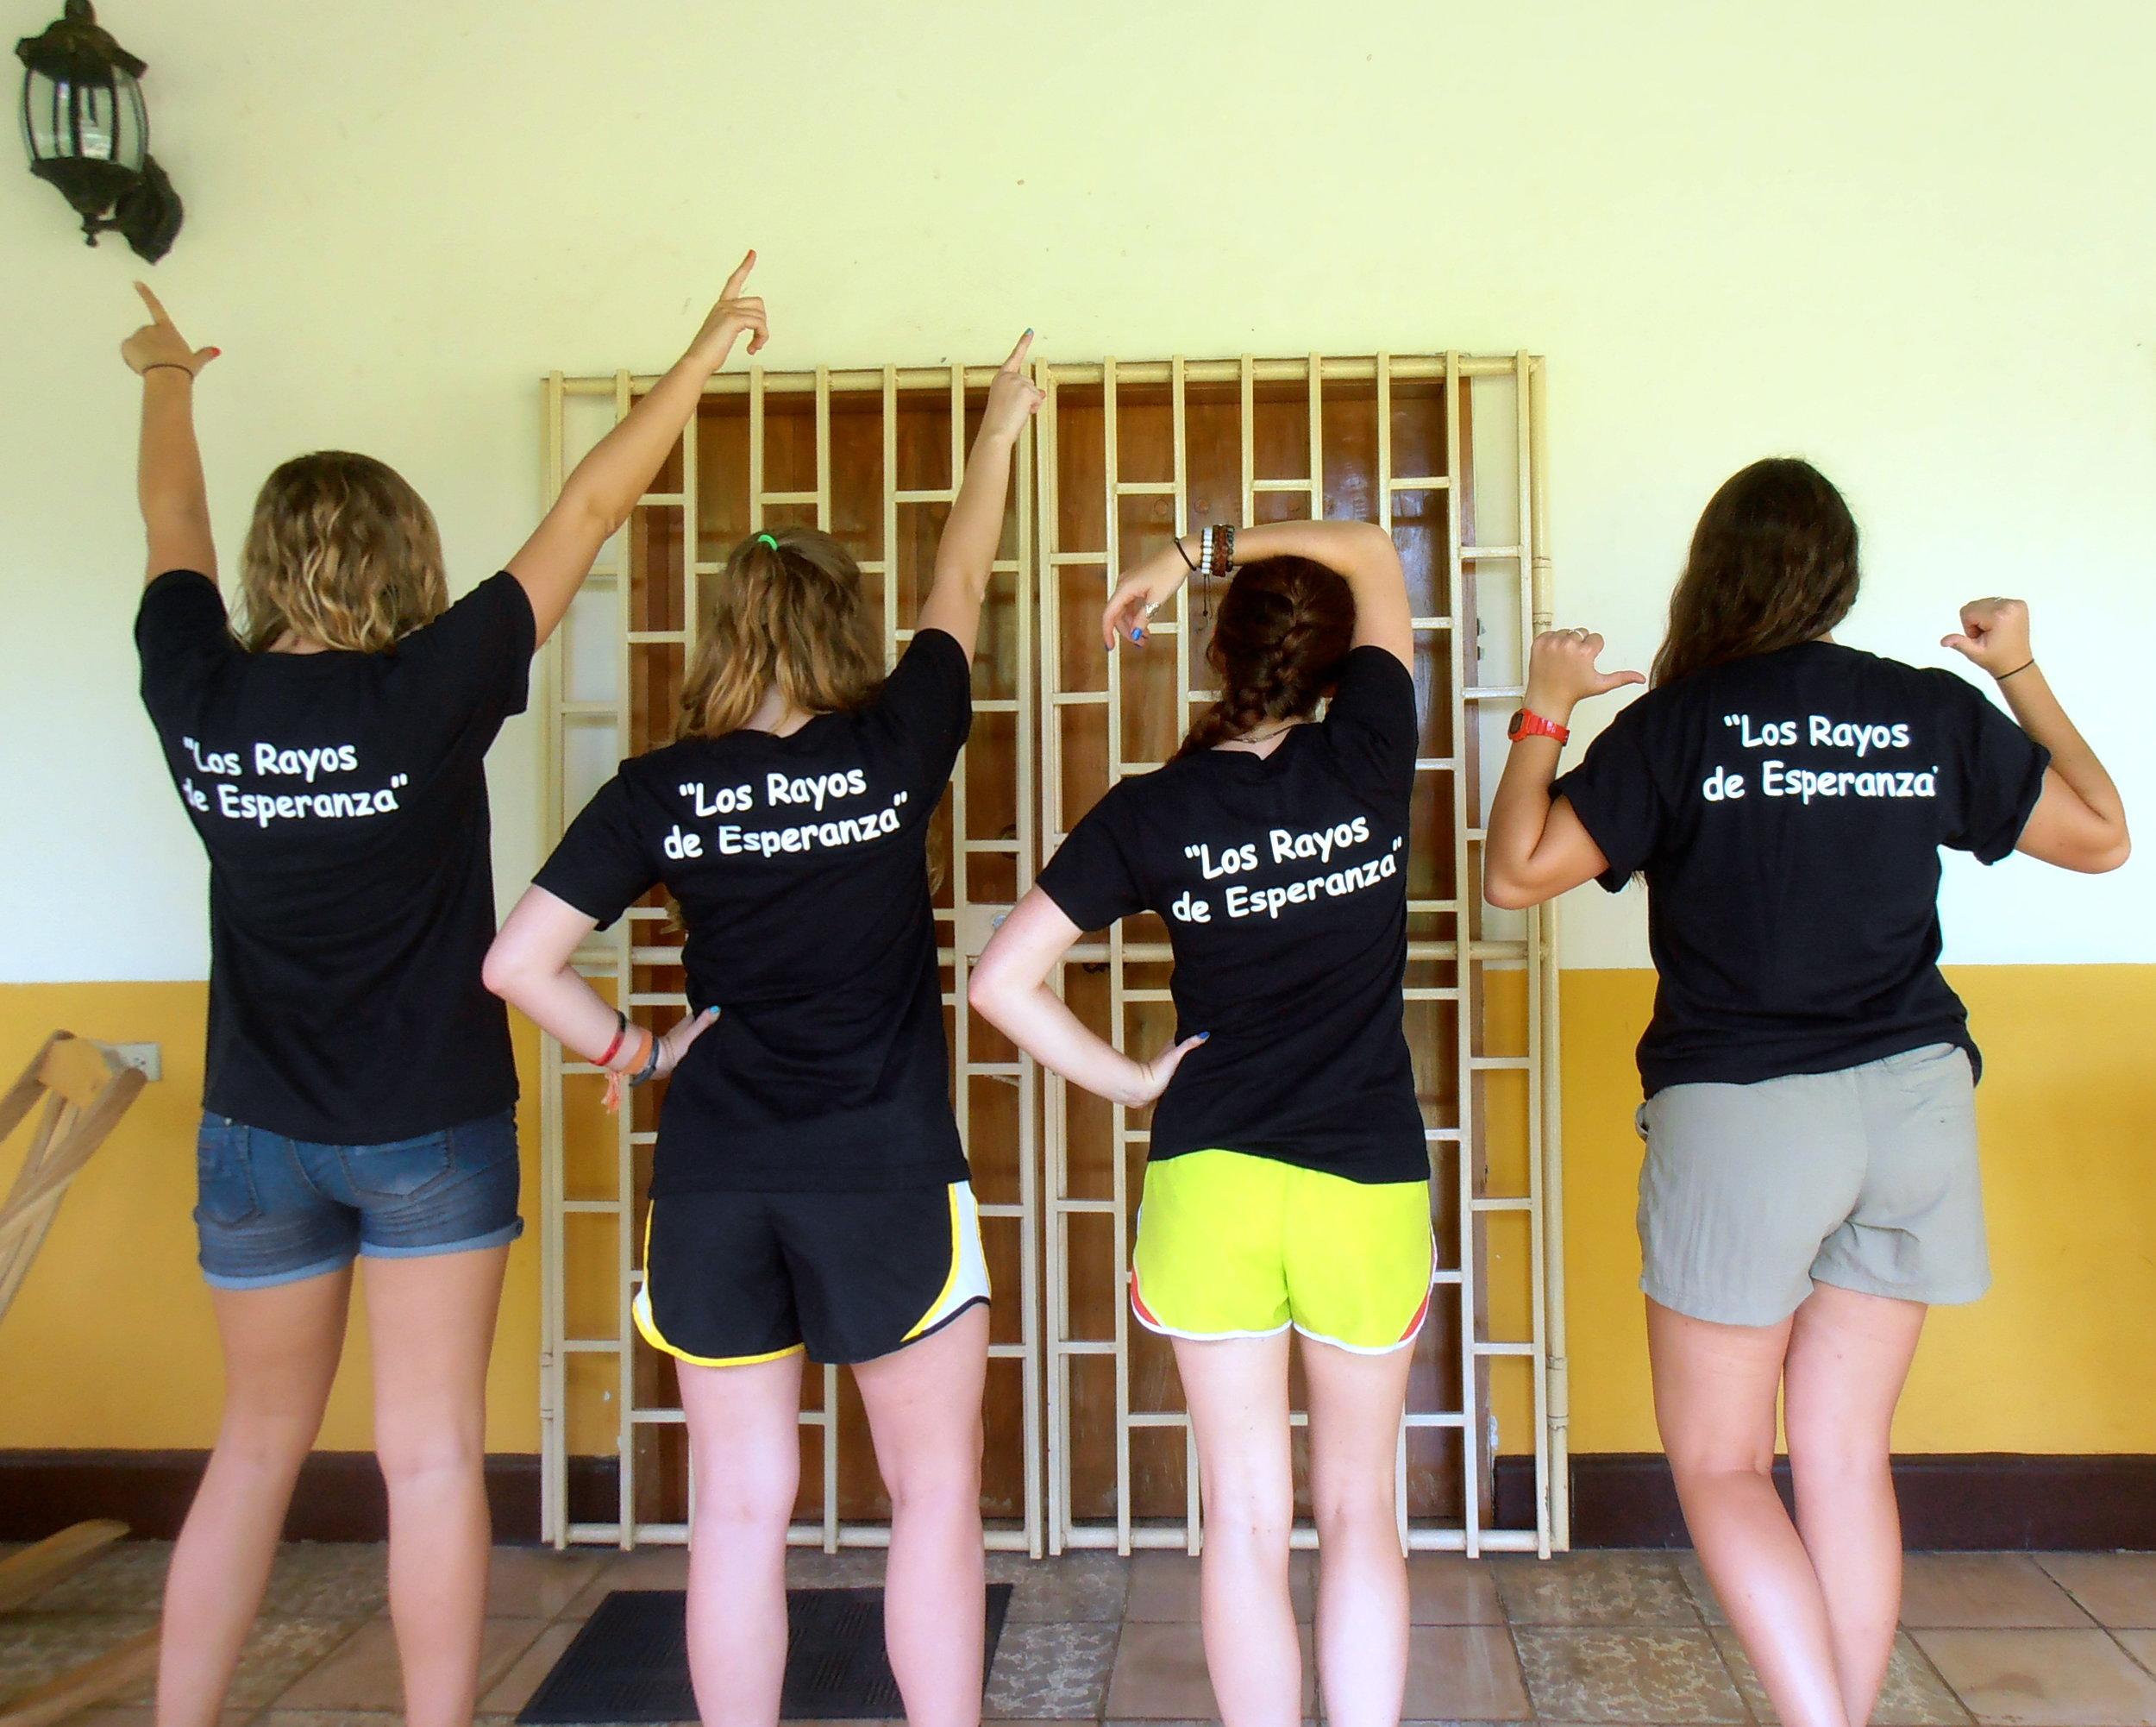 intern 8 interns tshirts 2.jpg